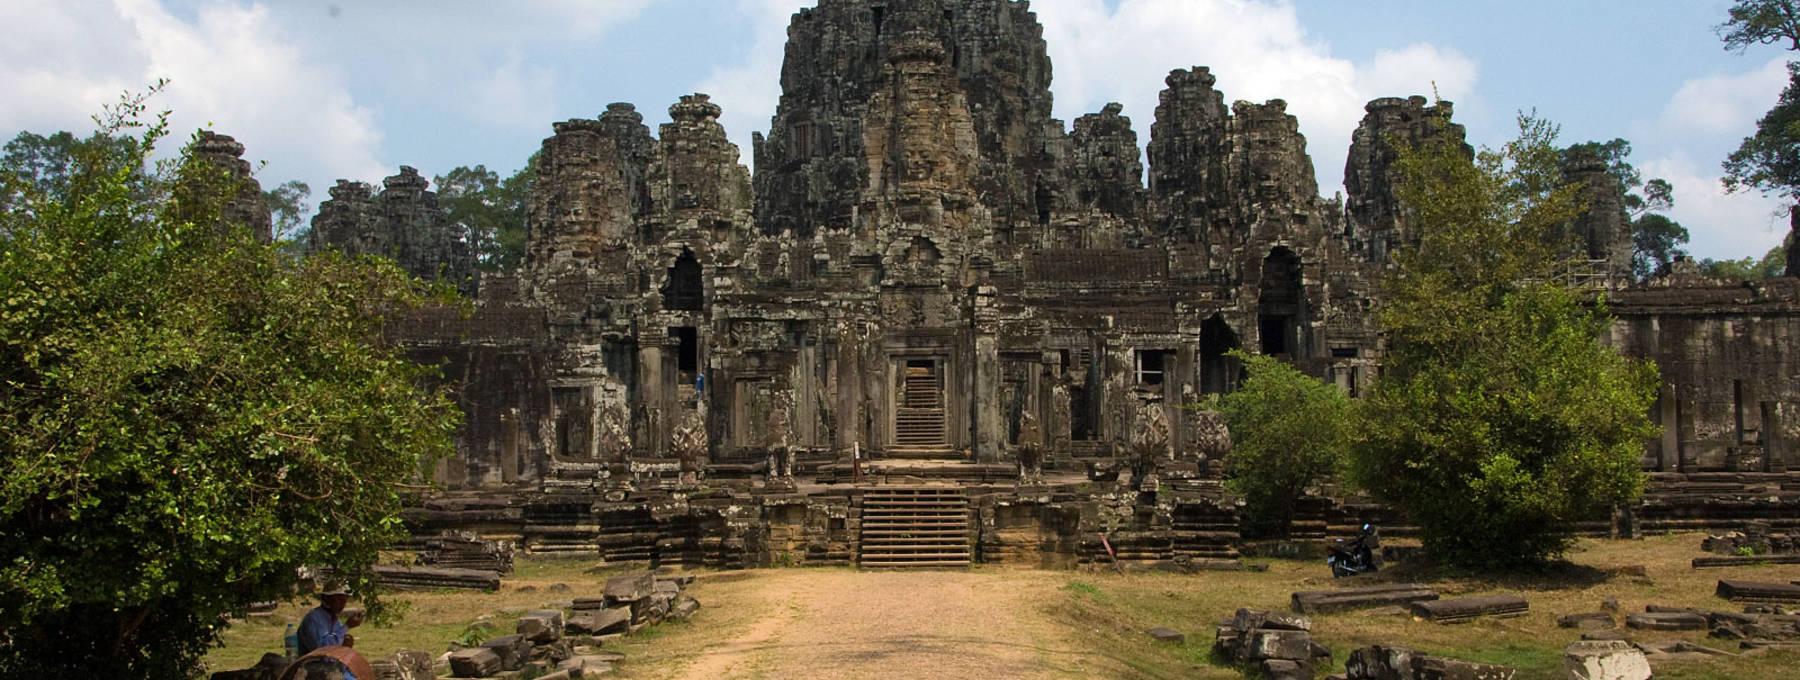 Auslandsaufenthalt Kambodscha